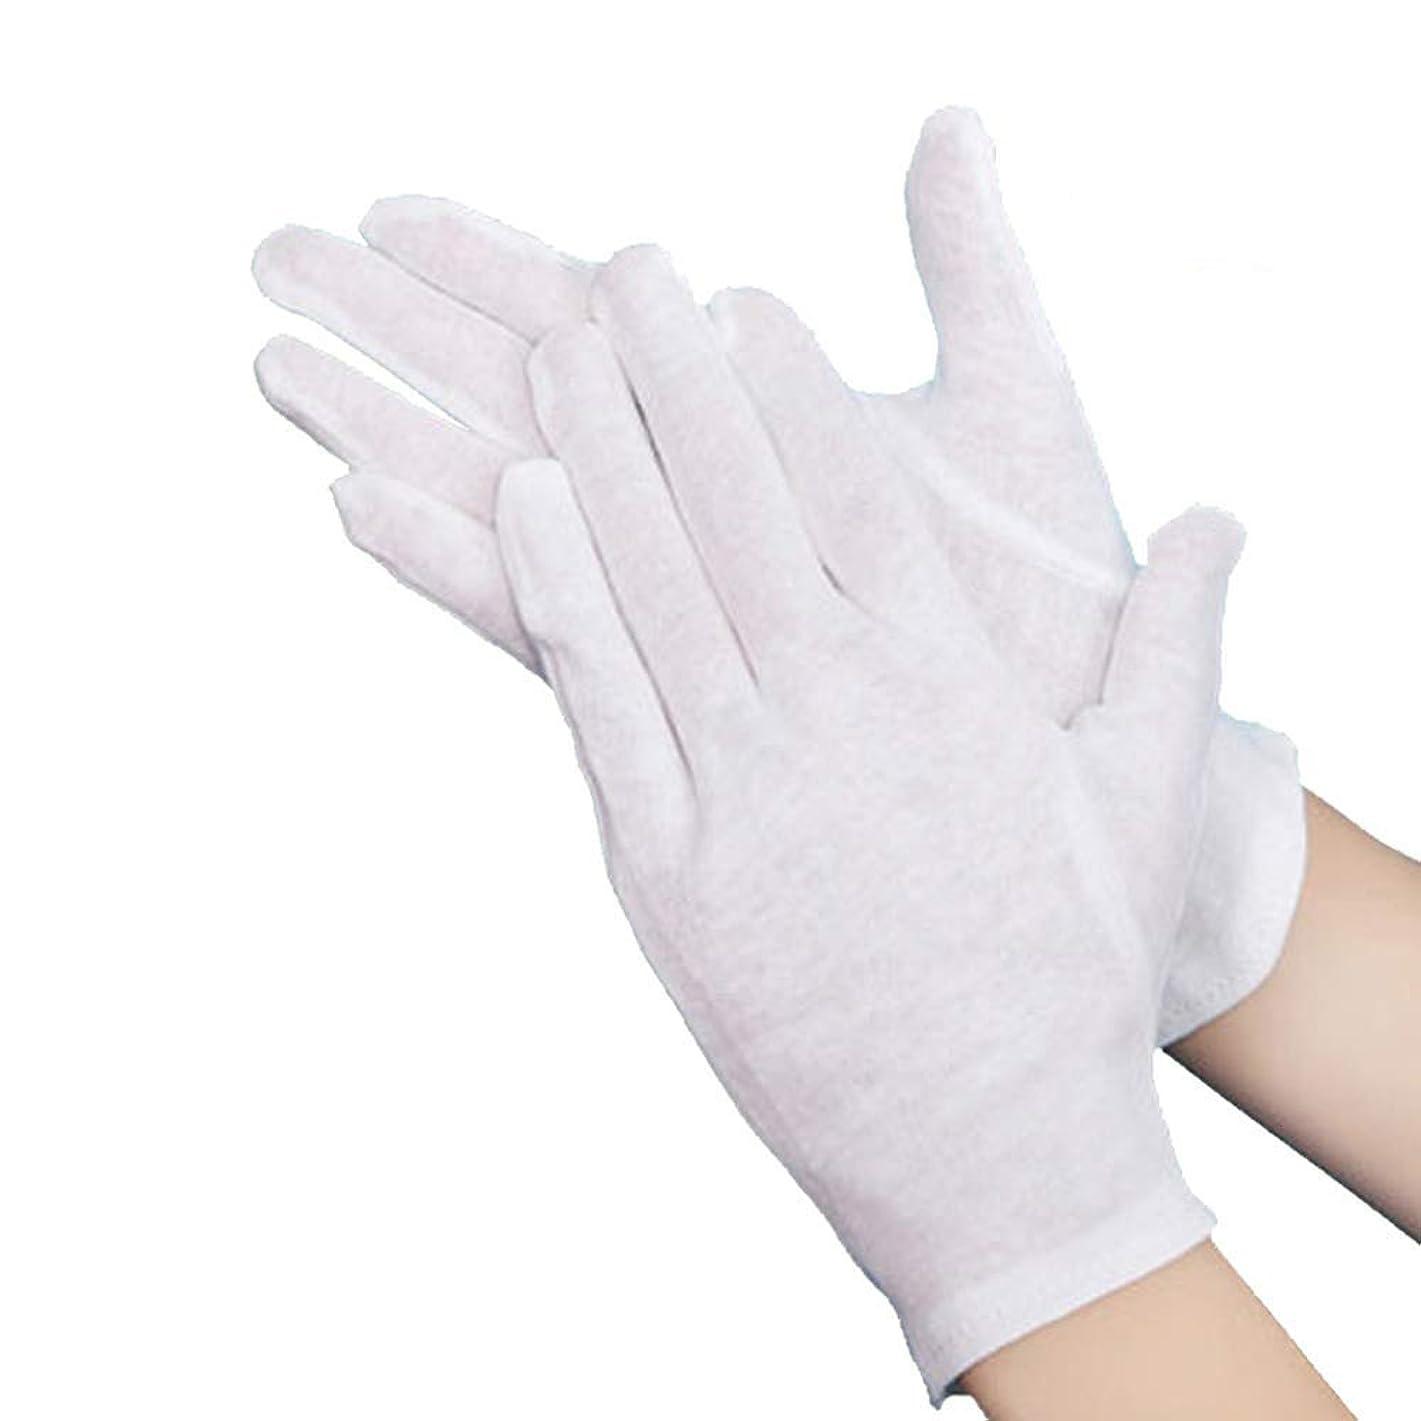 あたりフォーマルメトロポリタン10双組 S 綿手袋 ン手袋 通気性 コッ